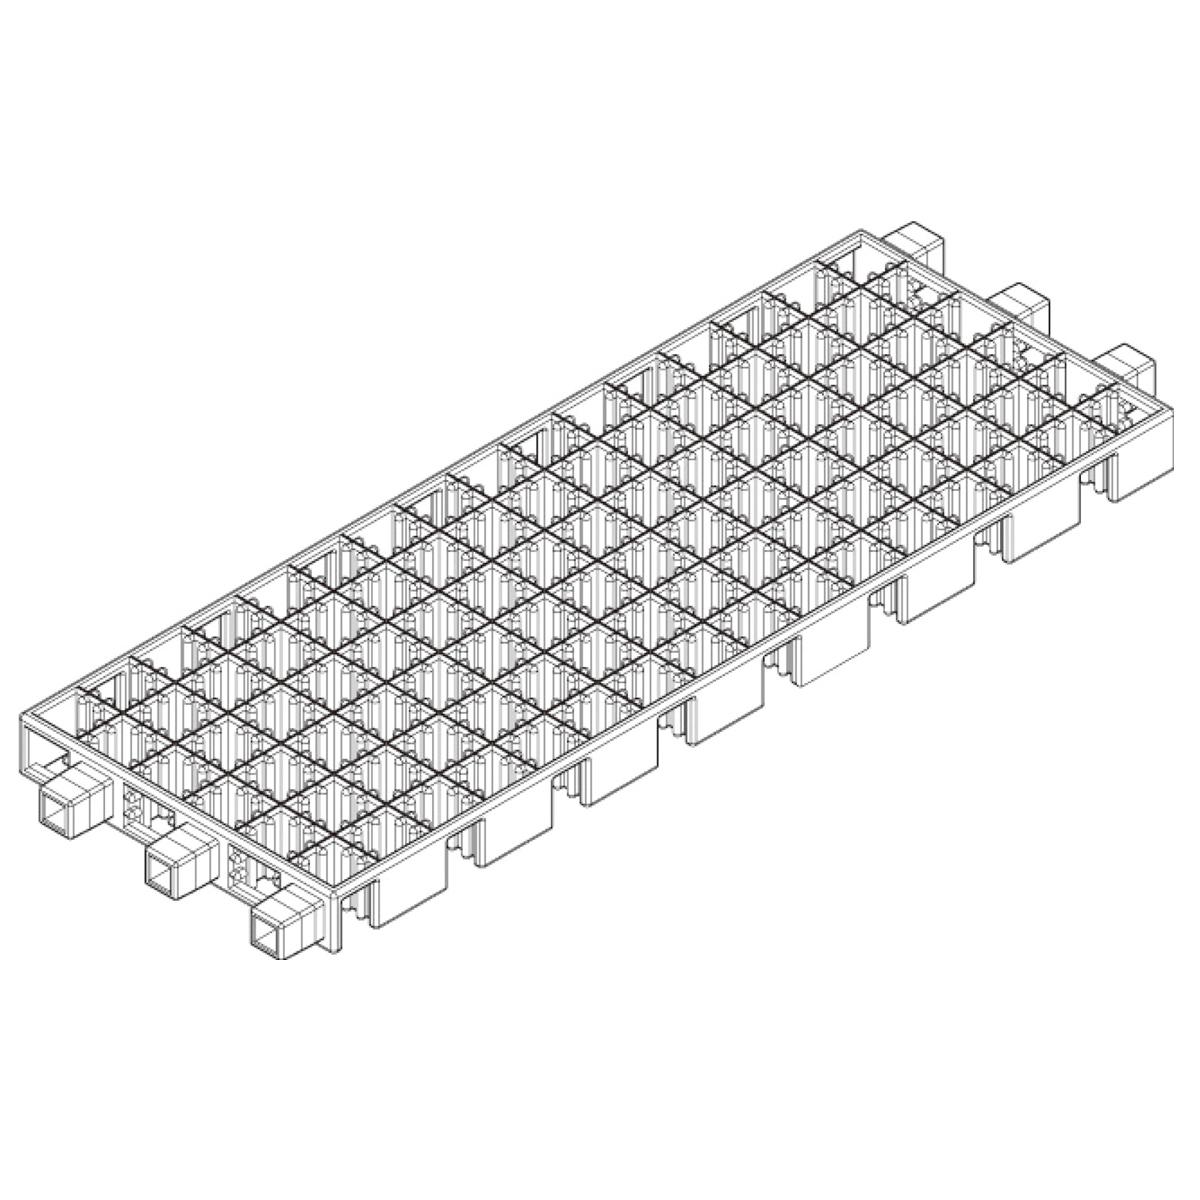 アーテックブロック部品 マルチベースA 日本製 知育玩具 ブロック 組み立て キッズ 幼児 レゴ・レゴブロックのように遊べます クリスマスプレゼント